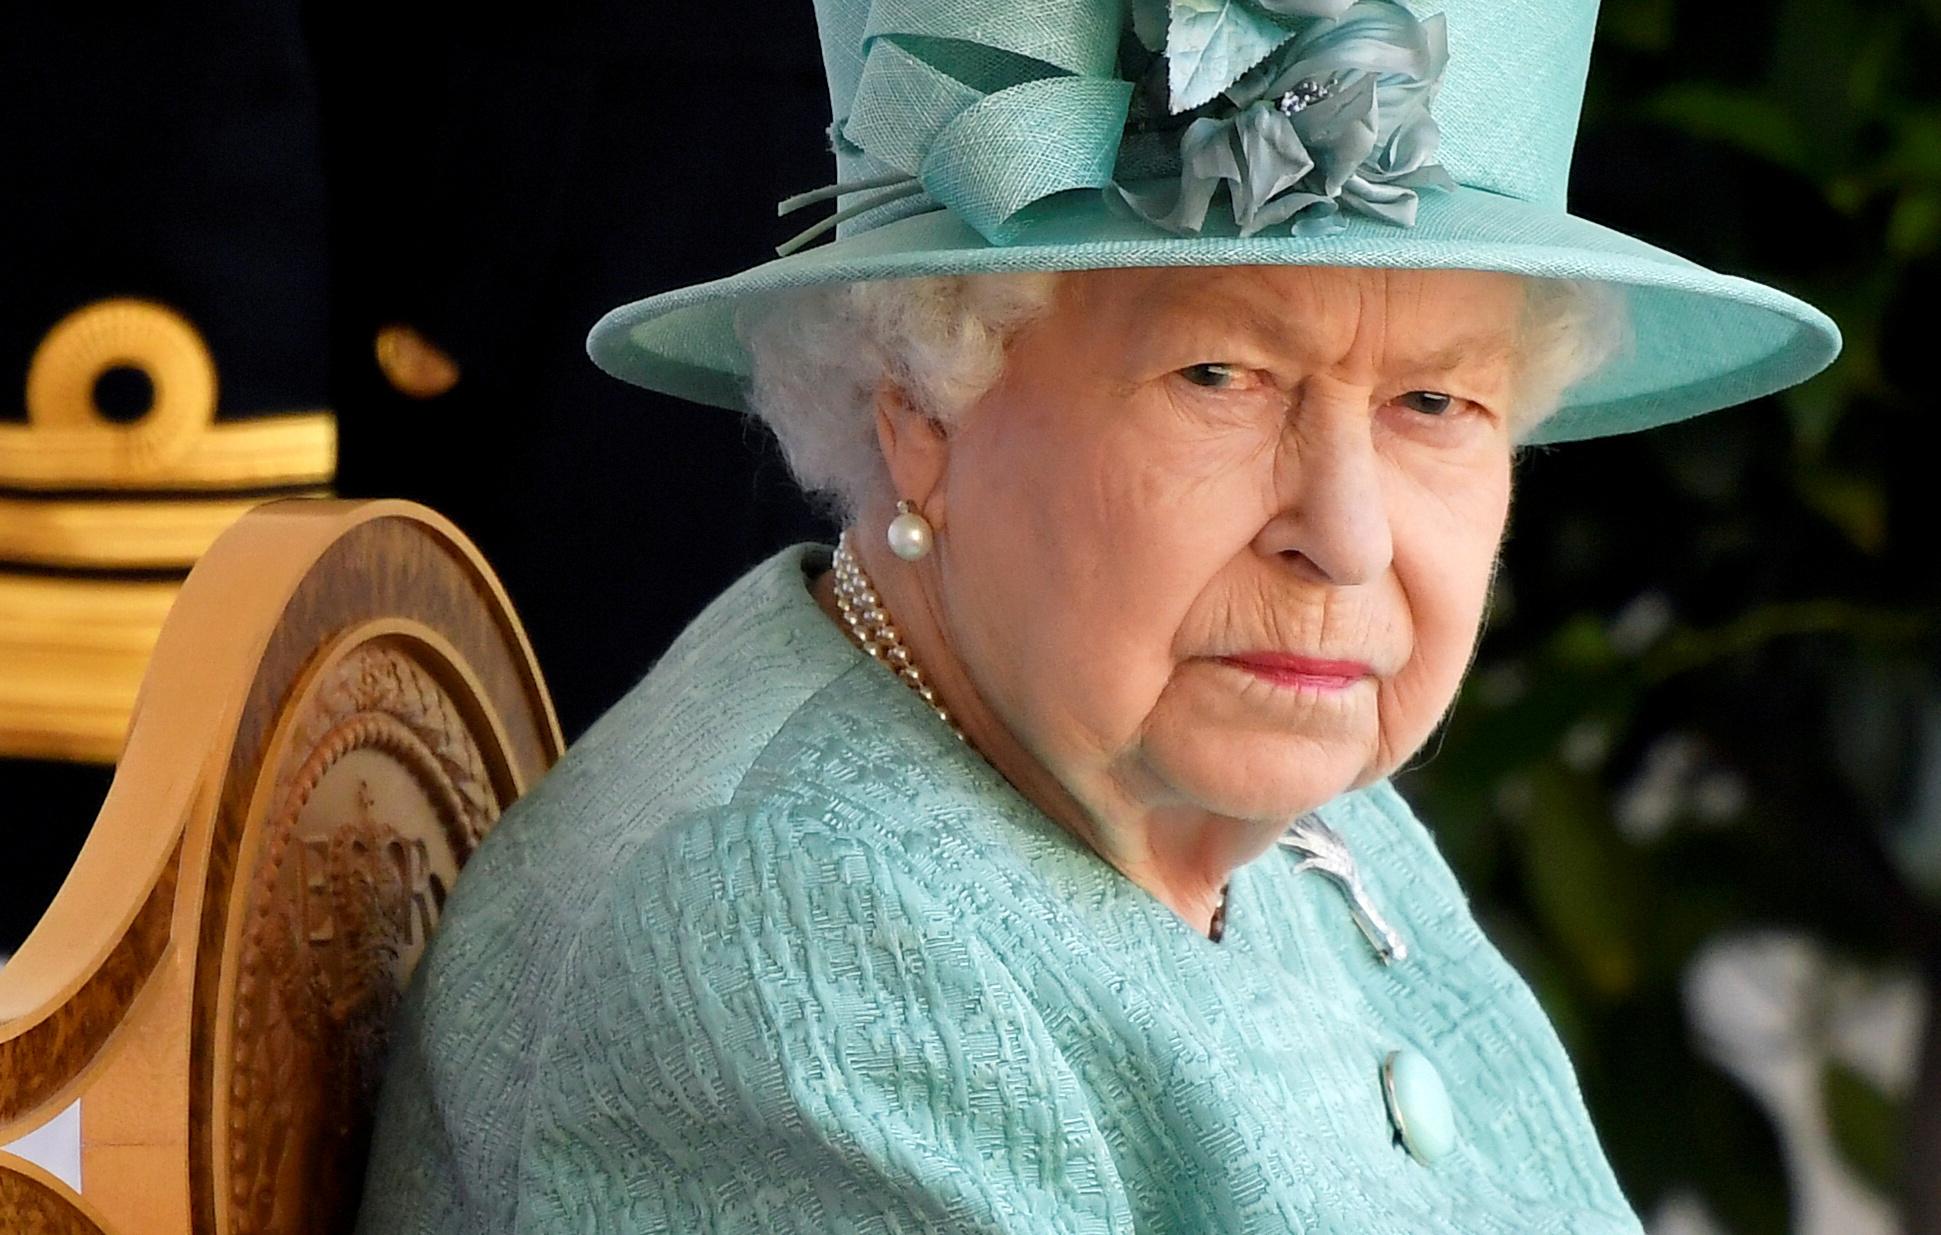 Βρετανία: Η βασίλισσα Ελισάβετ εκφράζει τη συμπάθεια της προς τον  υπουργό Υγείας – «Τον φουκαρά»